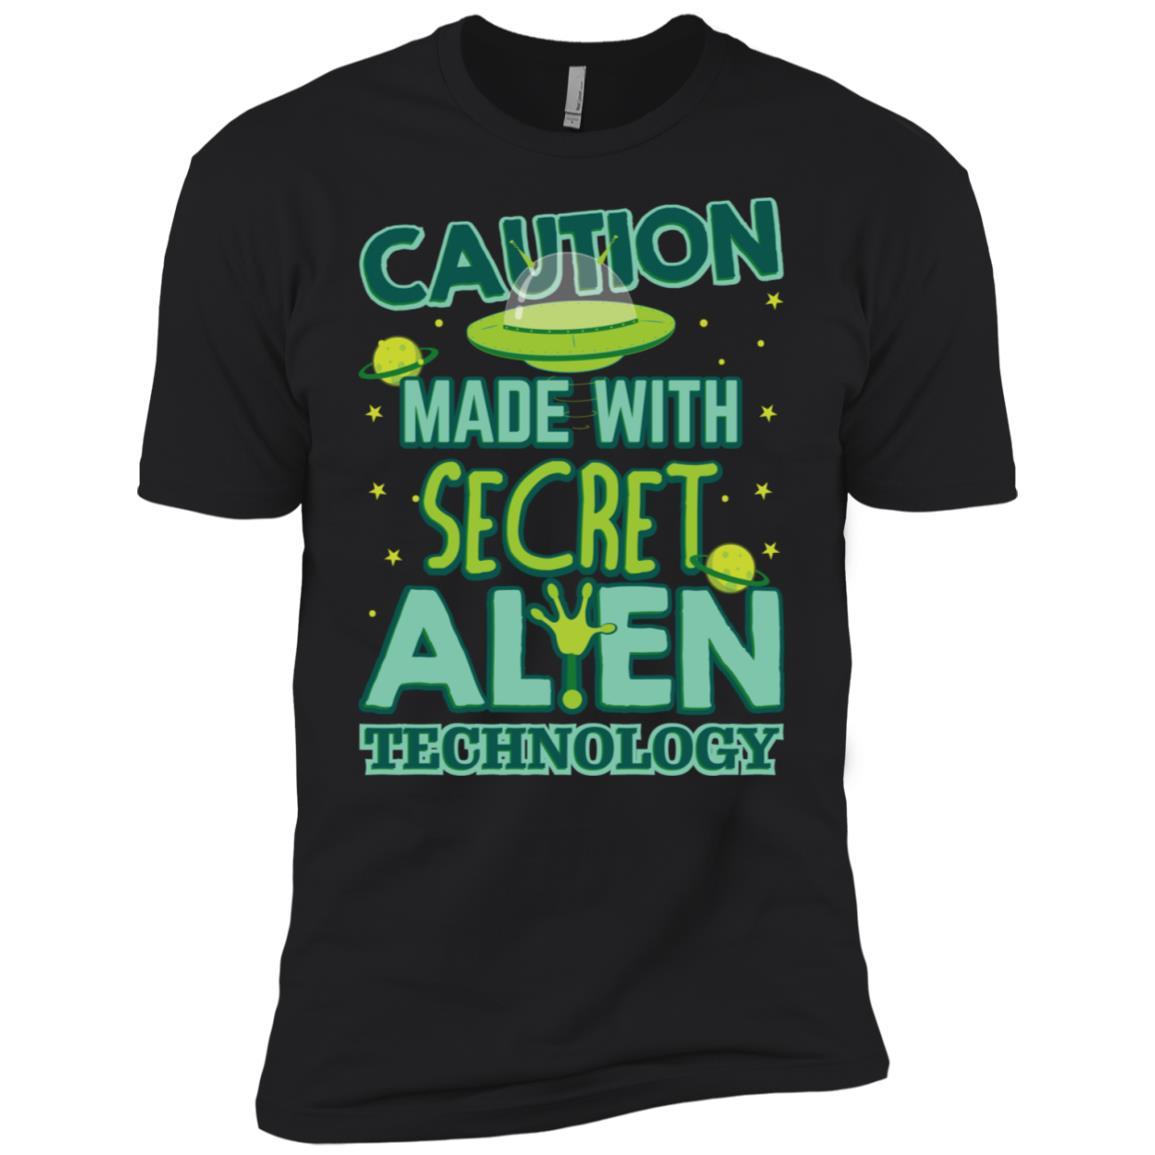 Caution Made With Secret Alien Technology Gift Ls Men Short Sleeve T-Shirt